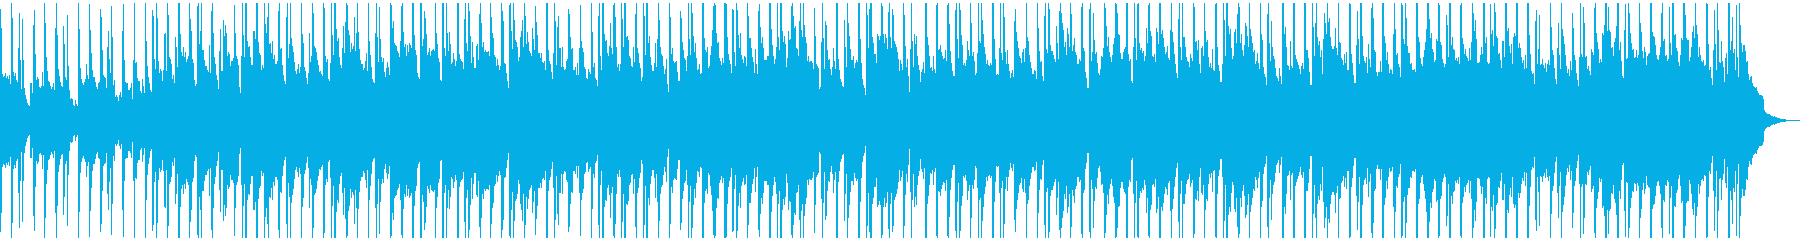 ウクレレ、ハンドクラップ、ピアノ、...の再生済みの波形